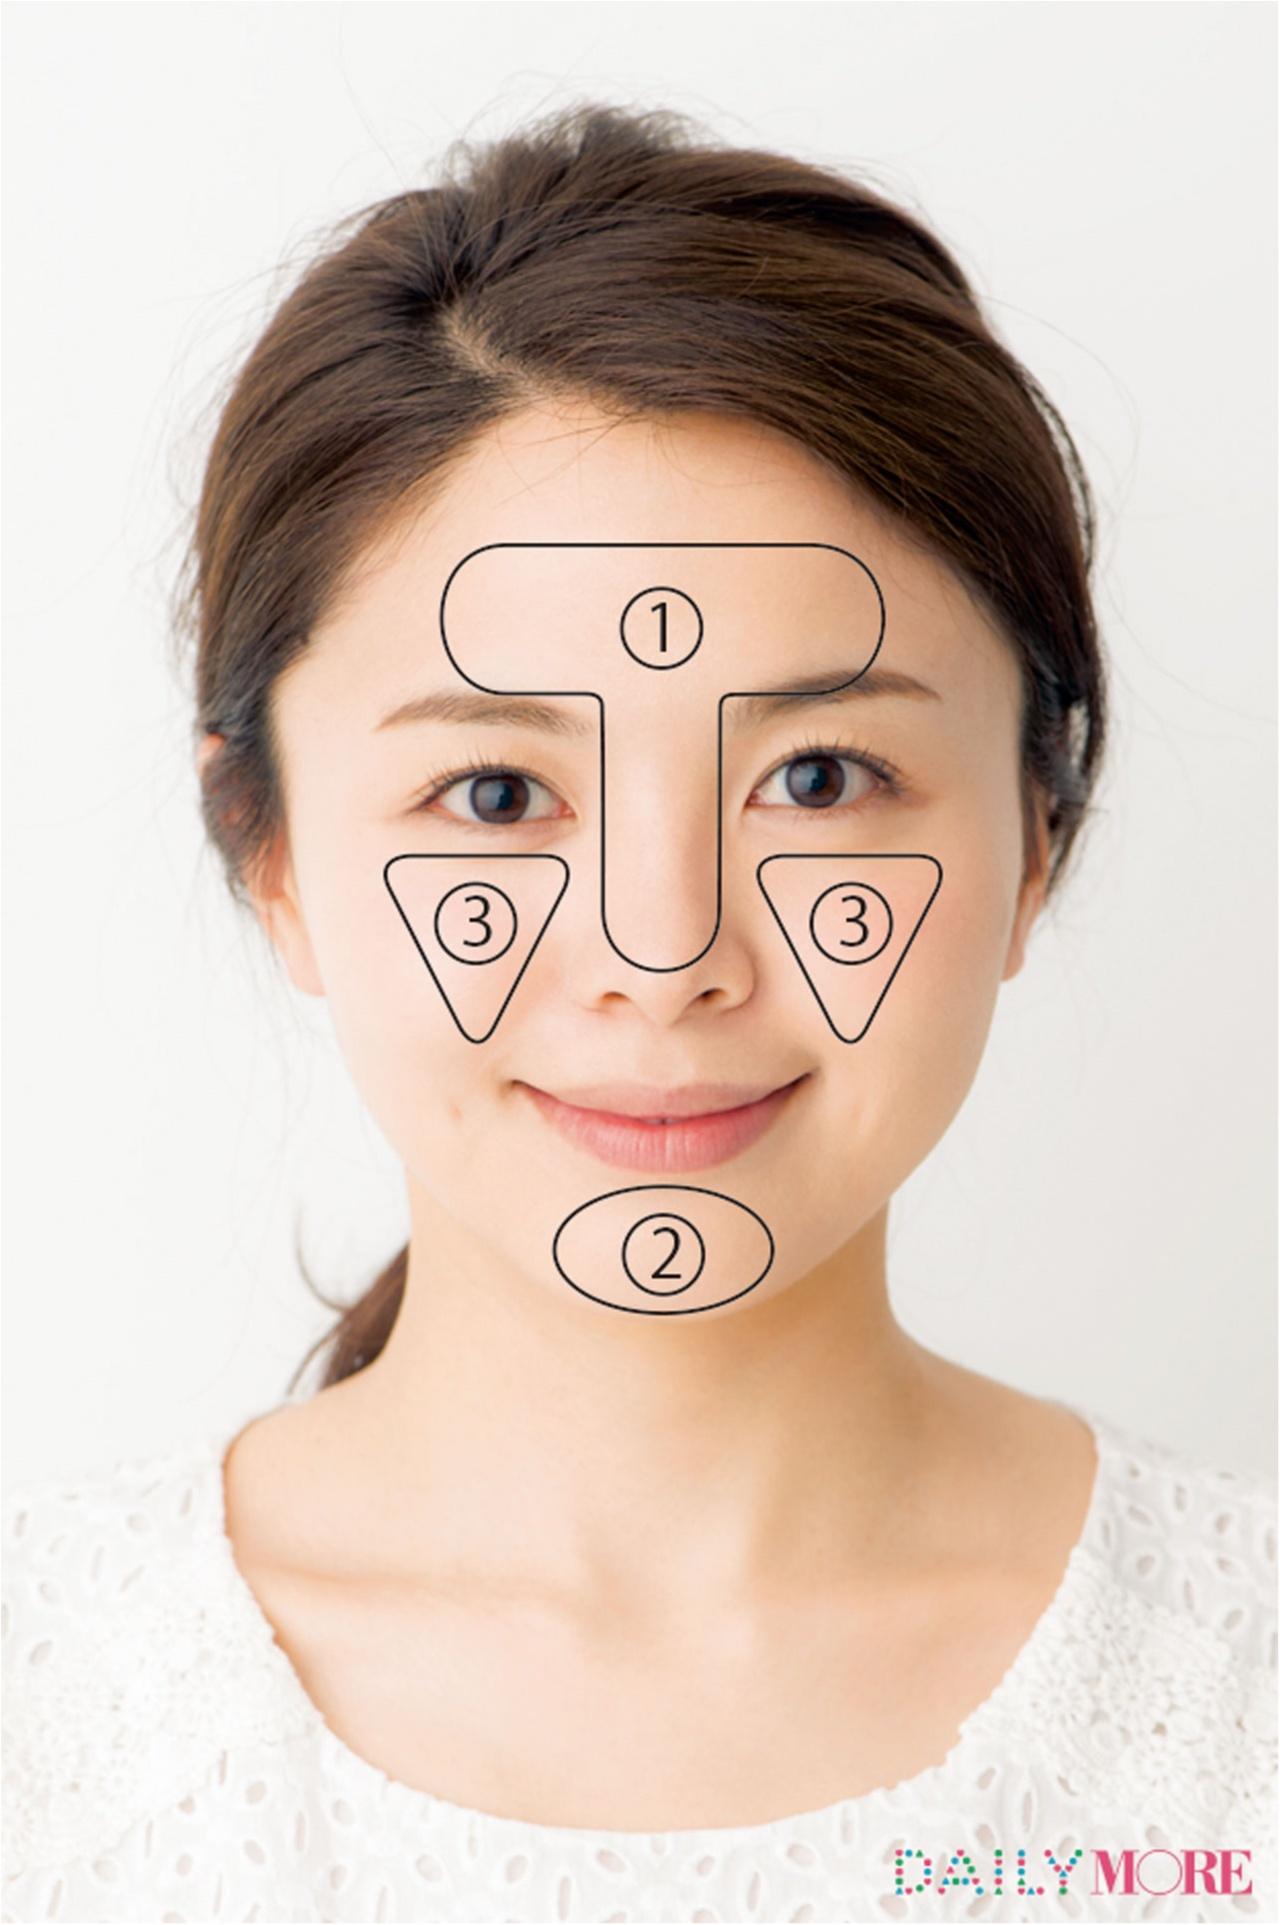 意外と知らない人多し! 美肌を左右する、本当に正しい「洗顔&クレンジング」クイズ! その2_2